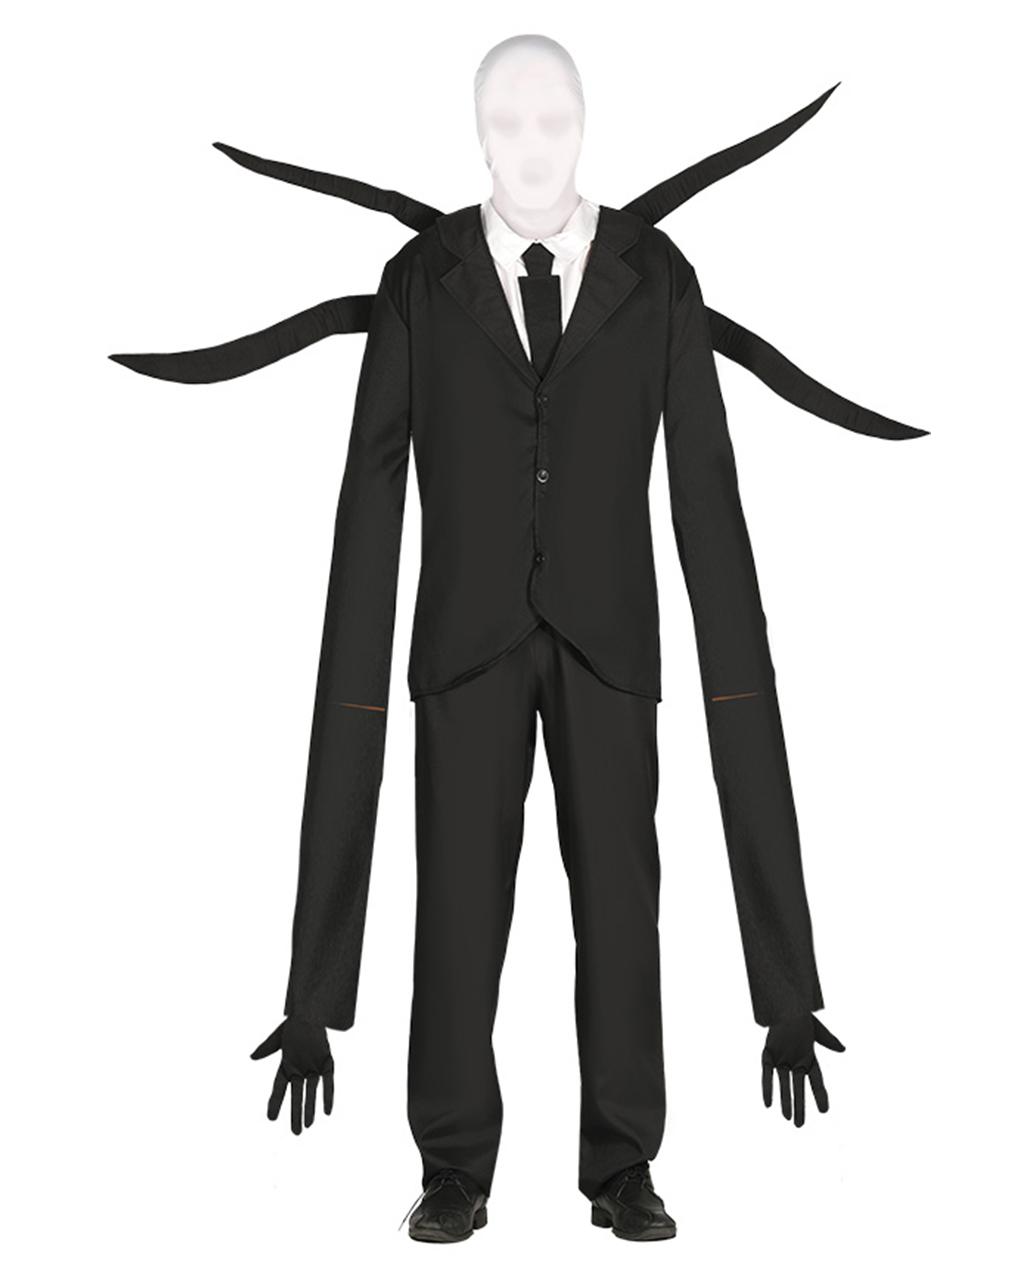 Slenderman Costume Slenderman Costume  sc 1 st  Horror-Shop & Slenderman Costume | to order | horror-shop.com